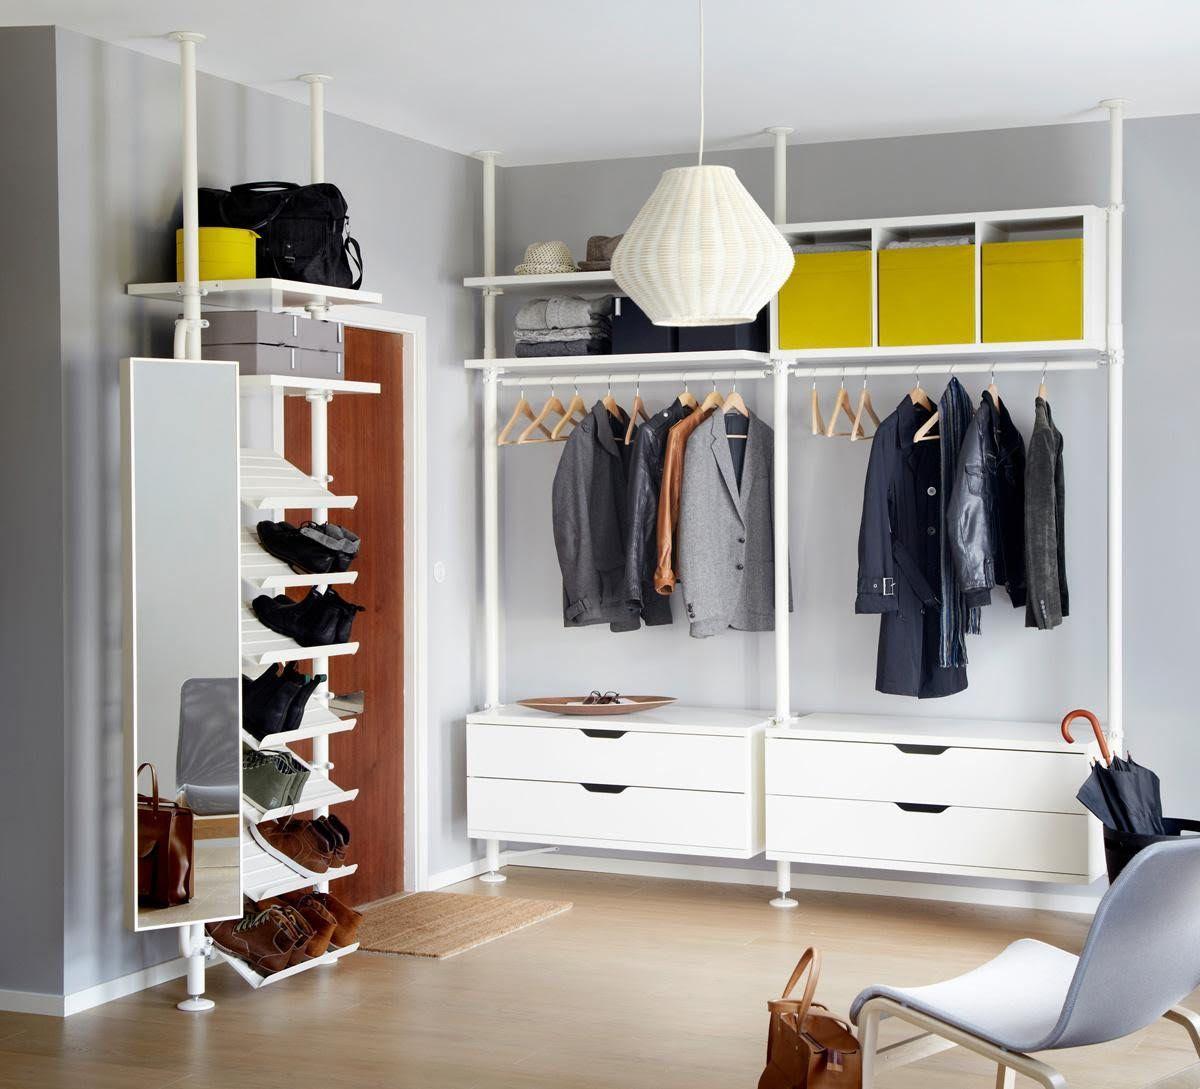 Begehbarer Kleiderschrank - Innenausstattung und Schiebetüren ...